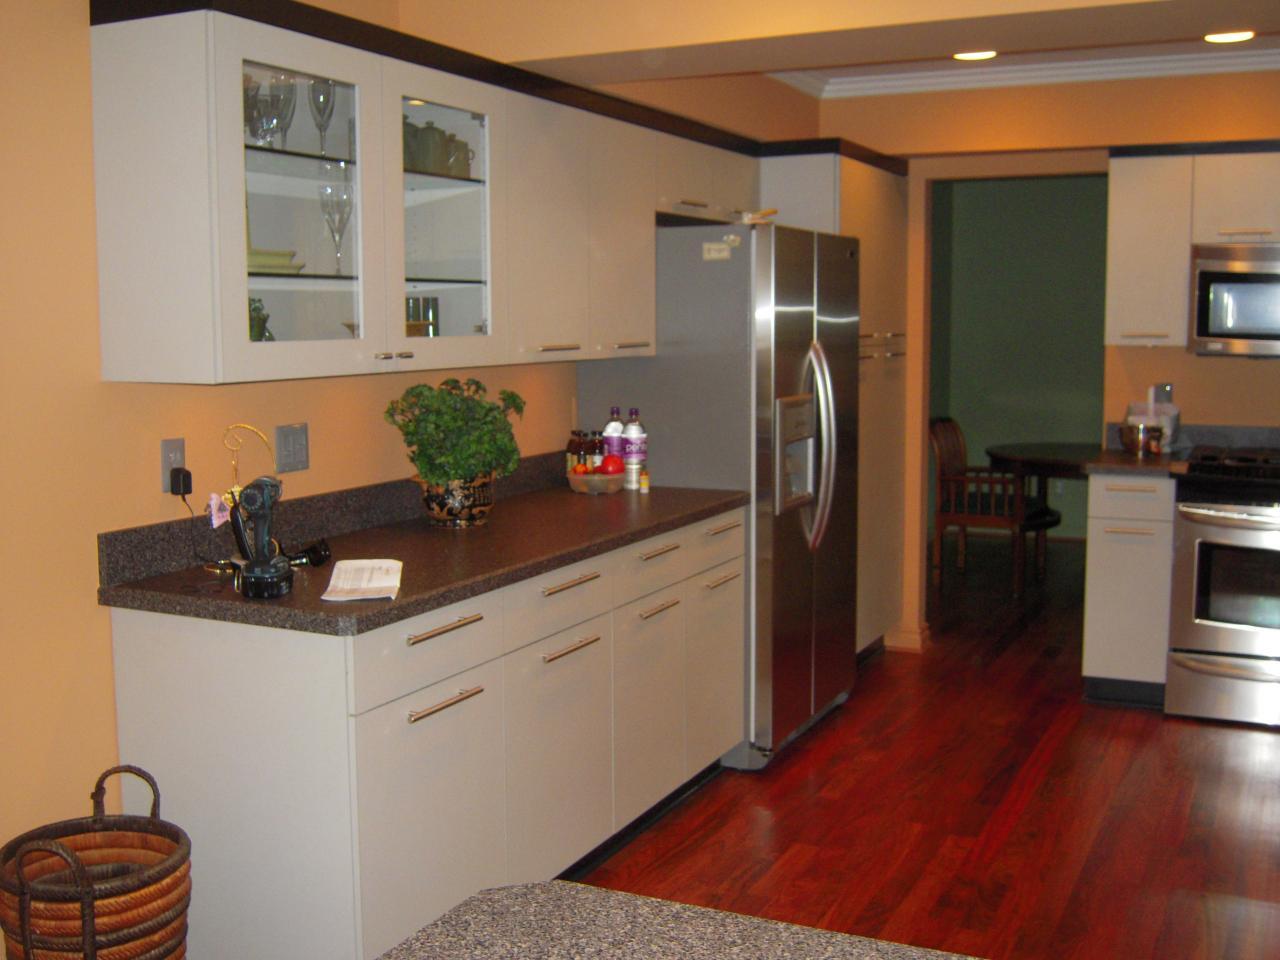 remodelage-élégant-une-petite-cuisine-avec-petite-cuisine-remodeler-faire-ouvrir-pour-petite-cuisine-remodeler-idées